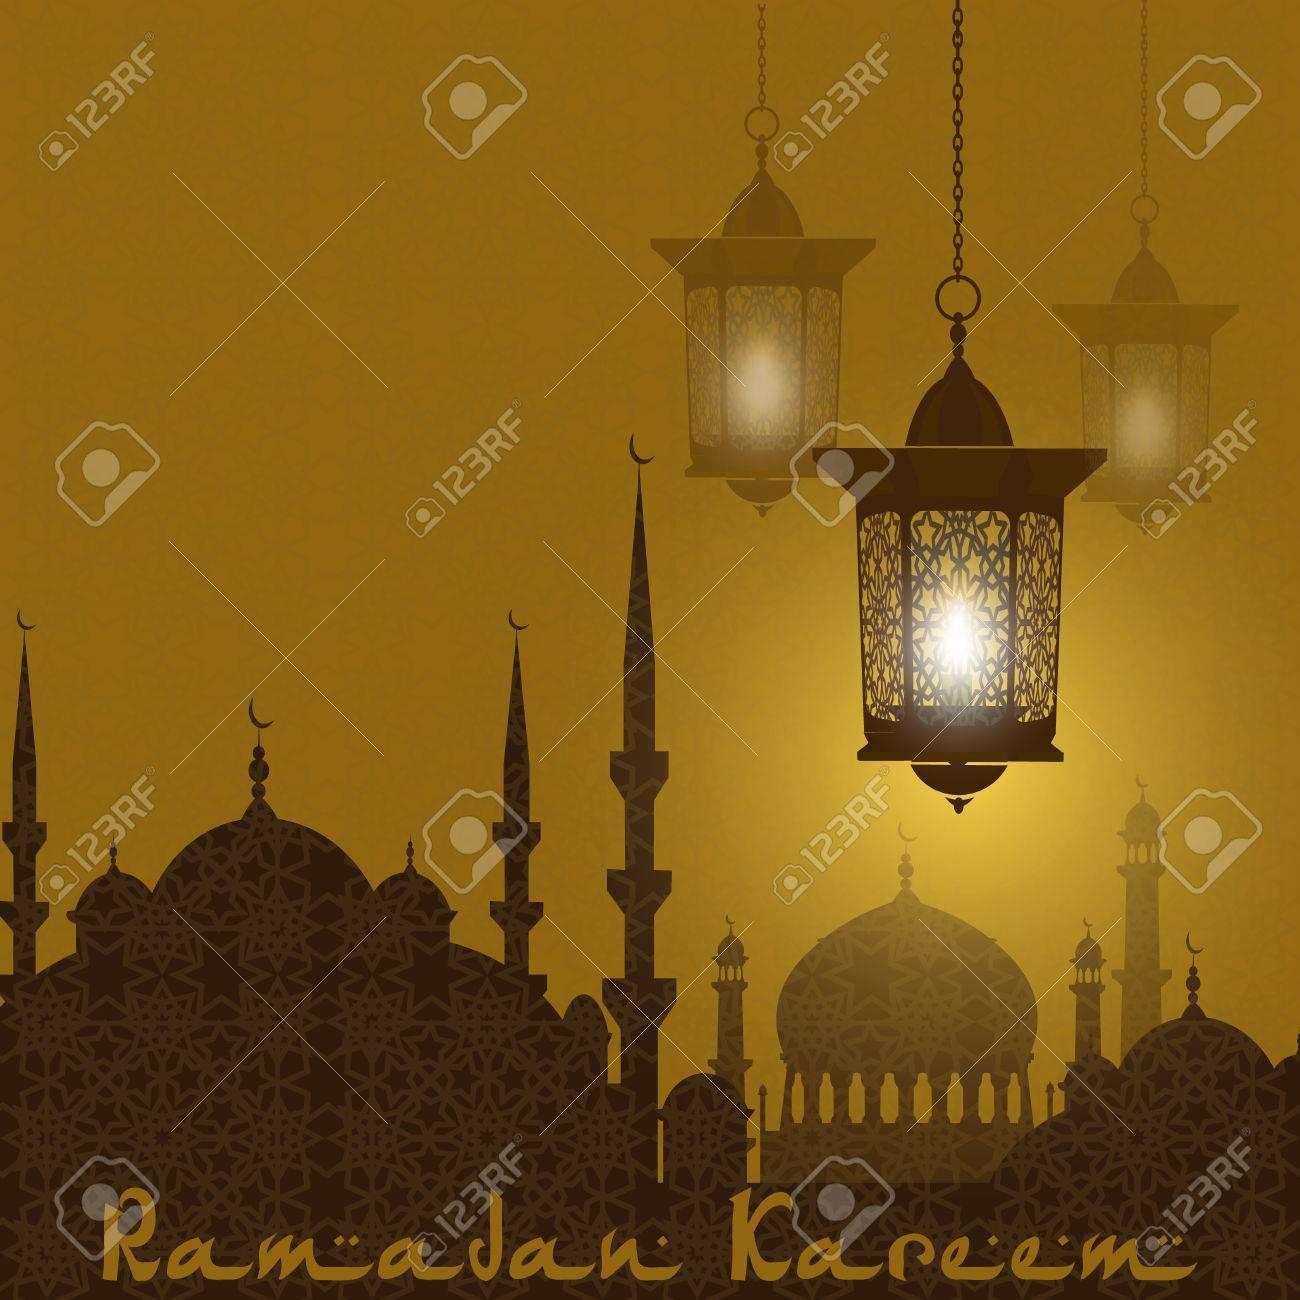 Agreable Banque Du0027images   Kareem Ramadan. Dessin Stylisé De La Silhouette De La Ville  Orientale. Lanternes Sur Fond Du0027un Ornement. Illustration